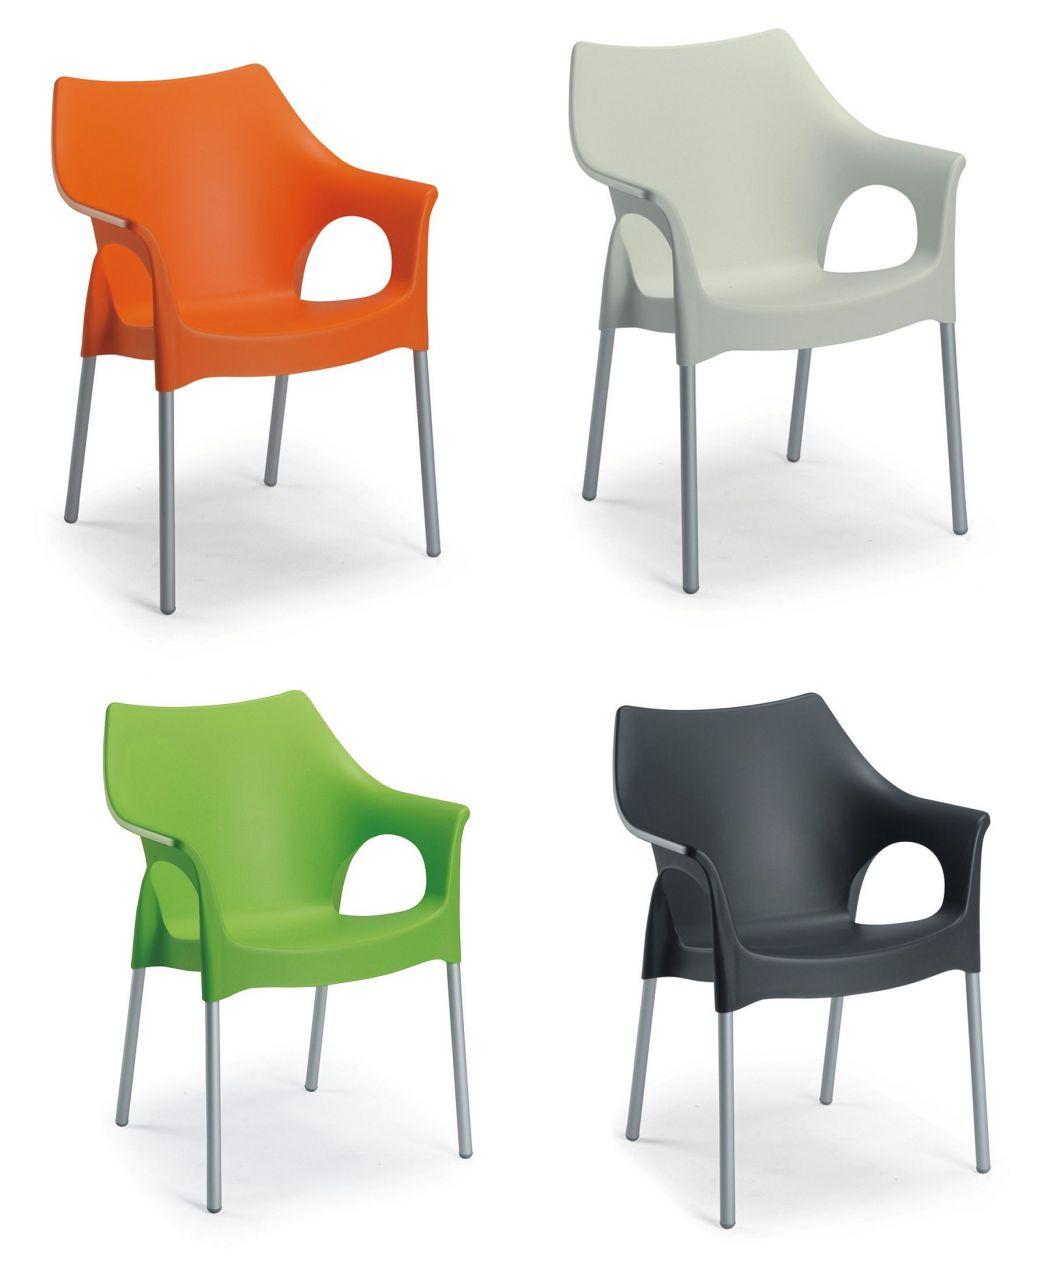 Stuhl stapelsessel gartenstuhl modern 4 trendige farben - Gartenstuhl modern ...